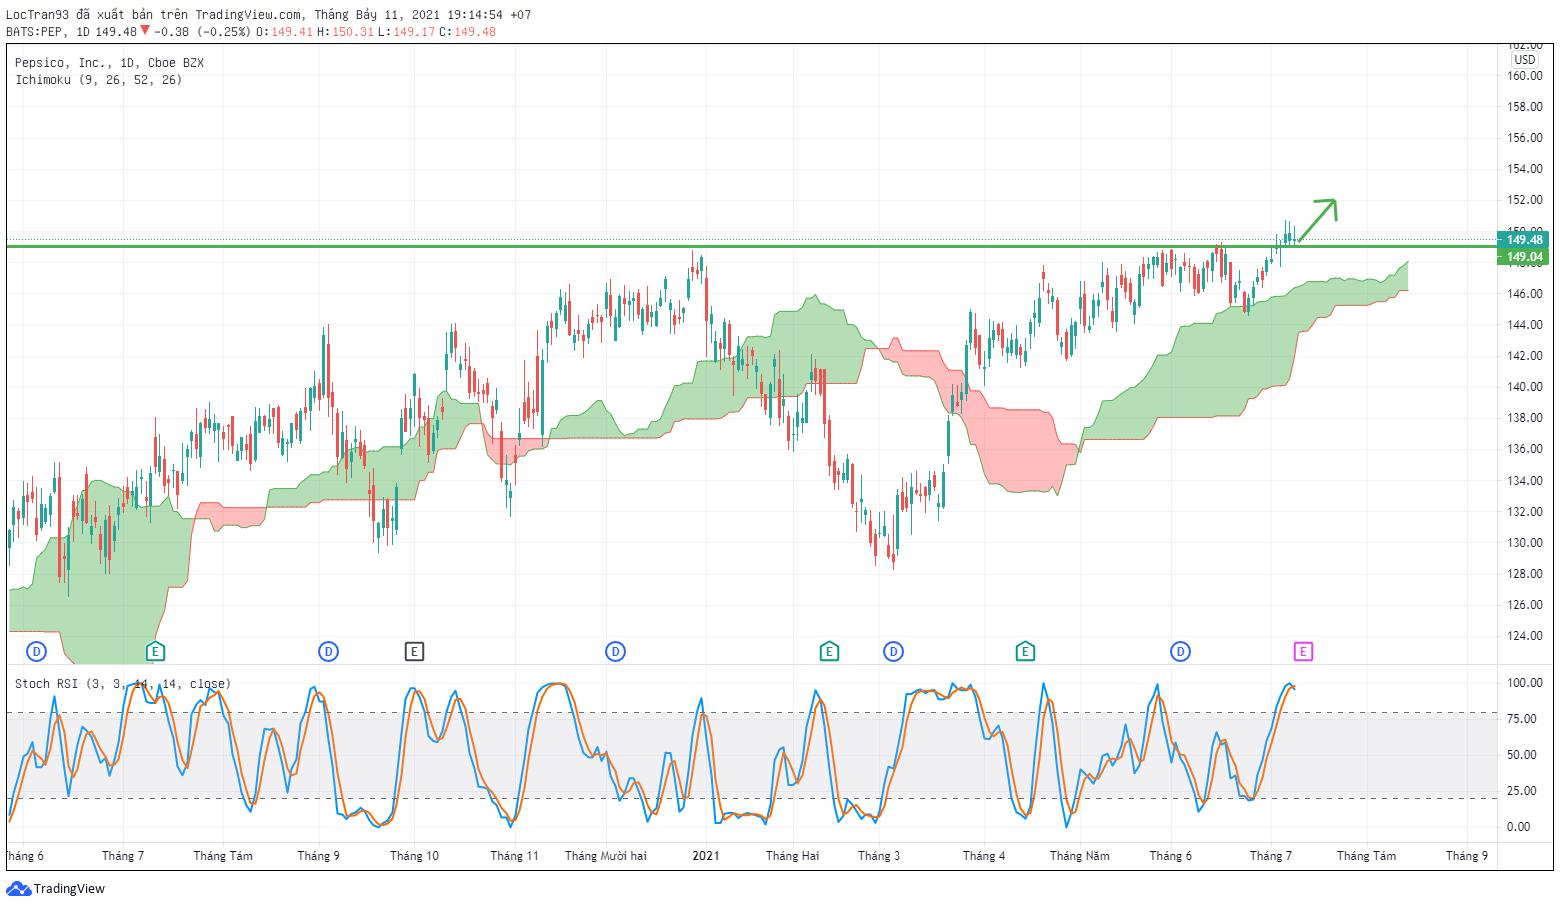 Cổ phiếu PEP đã vượt qua được đỉnh kháng cự mạnh trước đó, dự kiến giá sẽ tăng hơn nữa